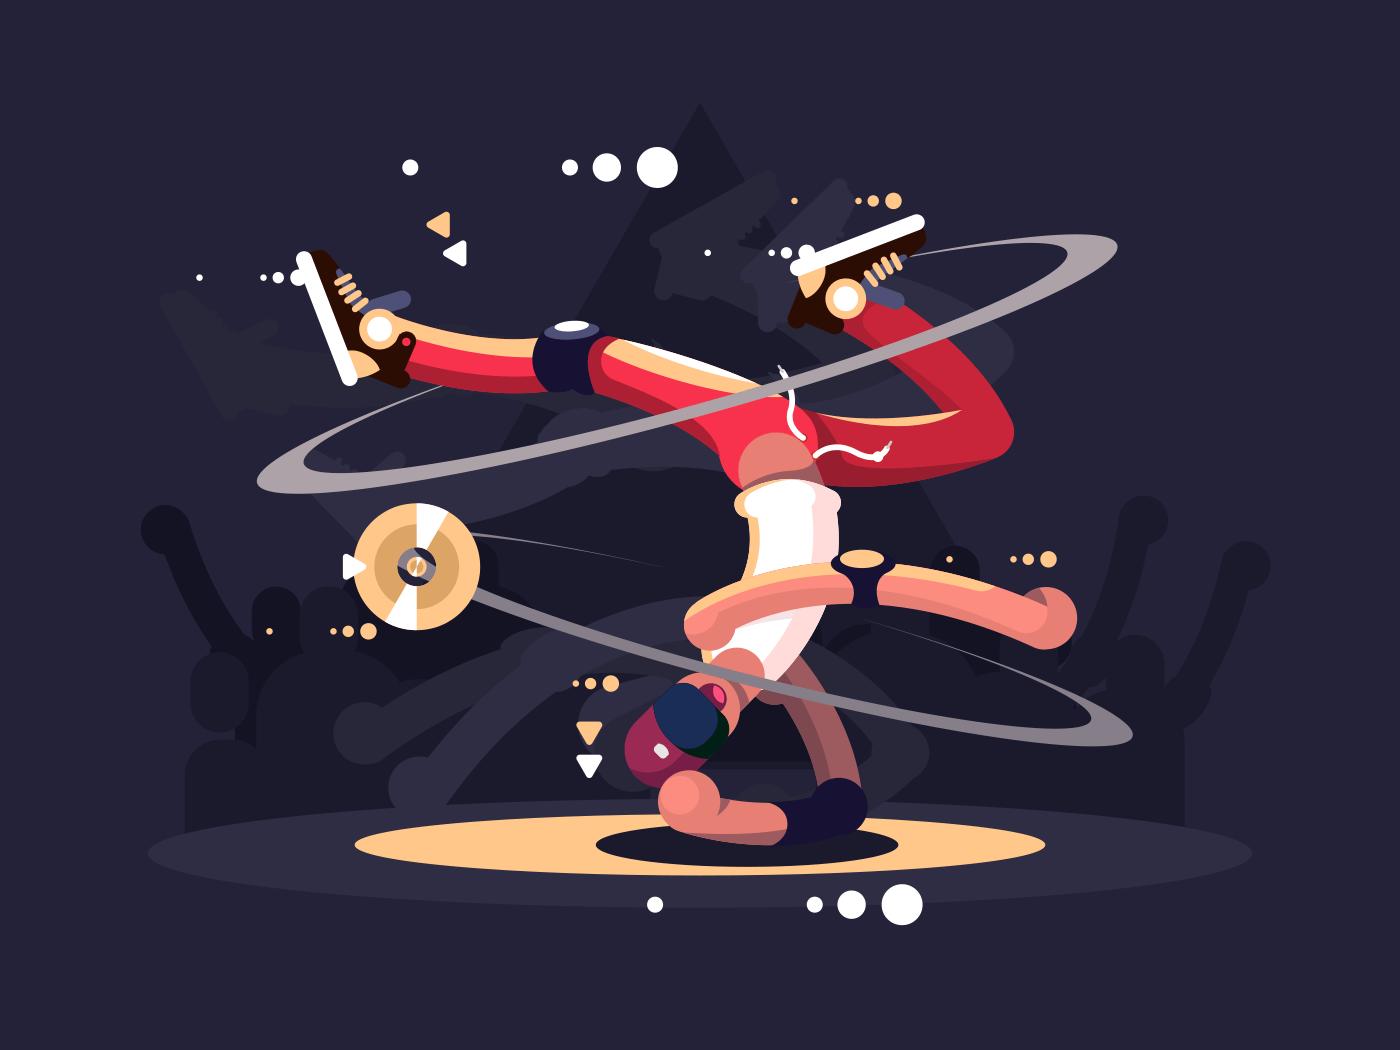 Breakdancer on stage flat vector illustration